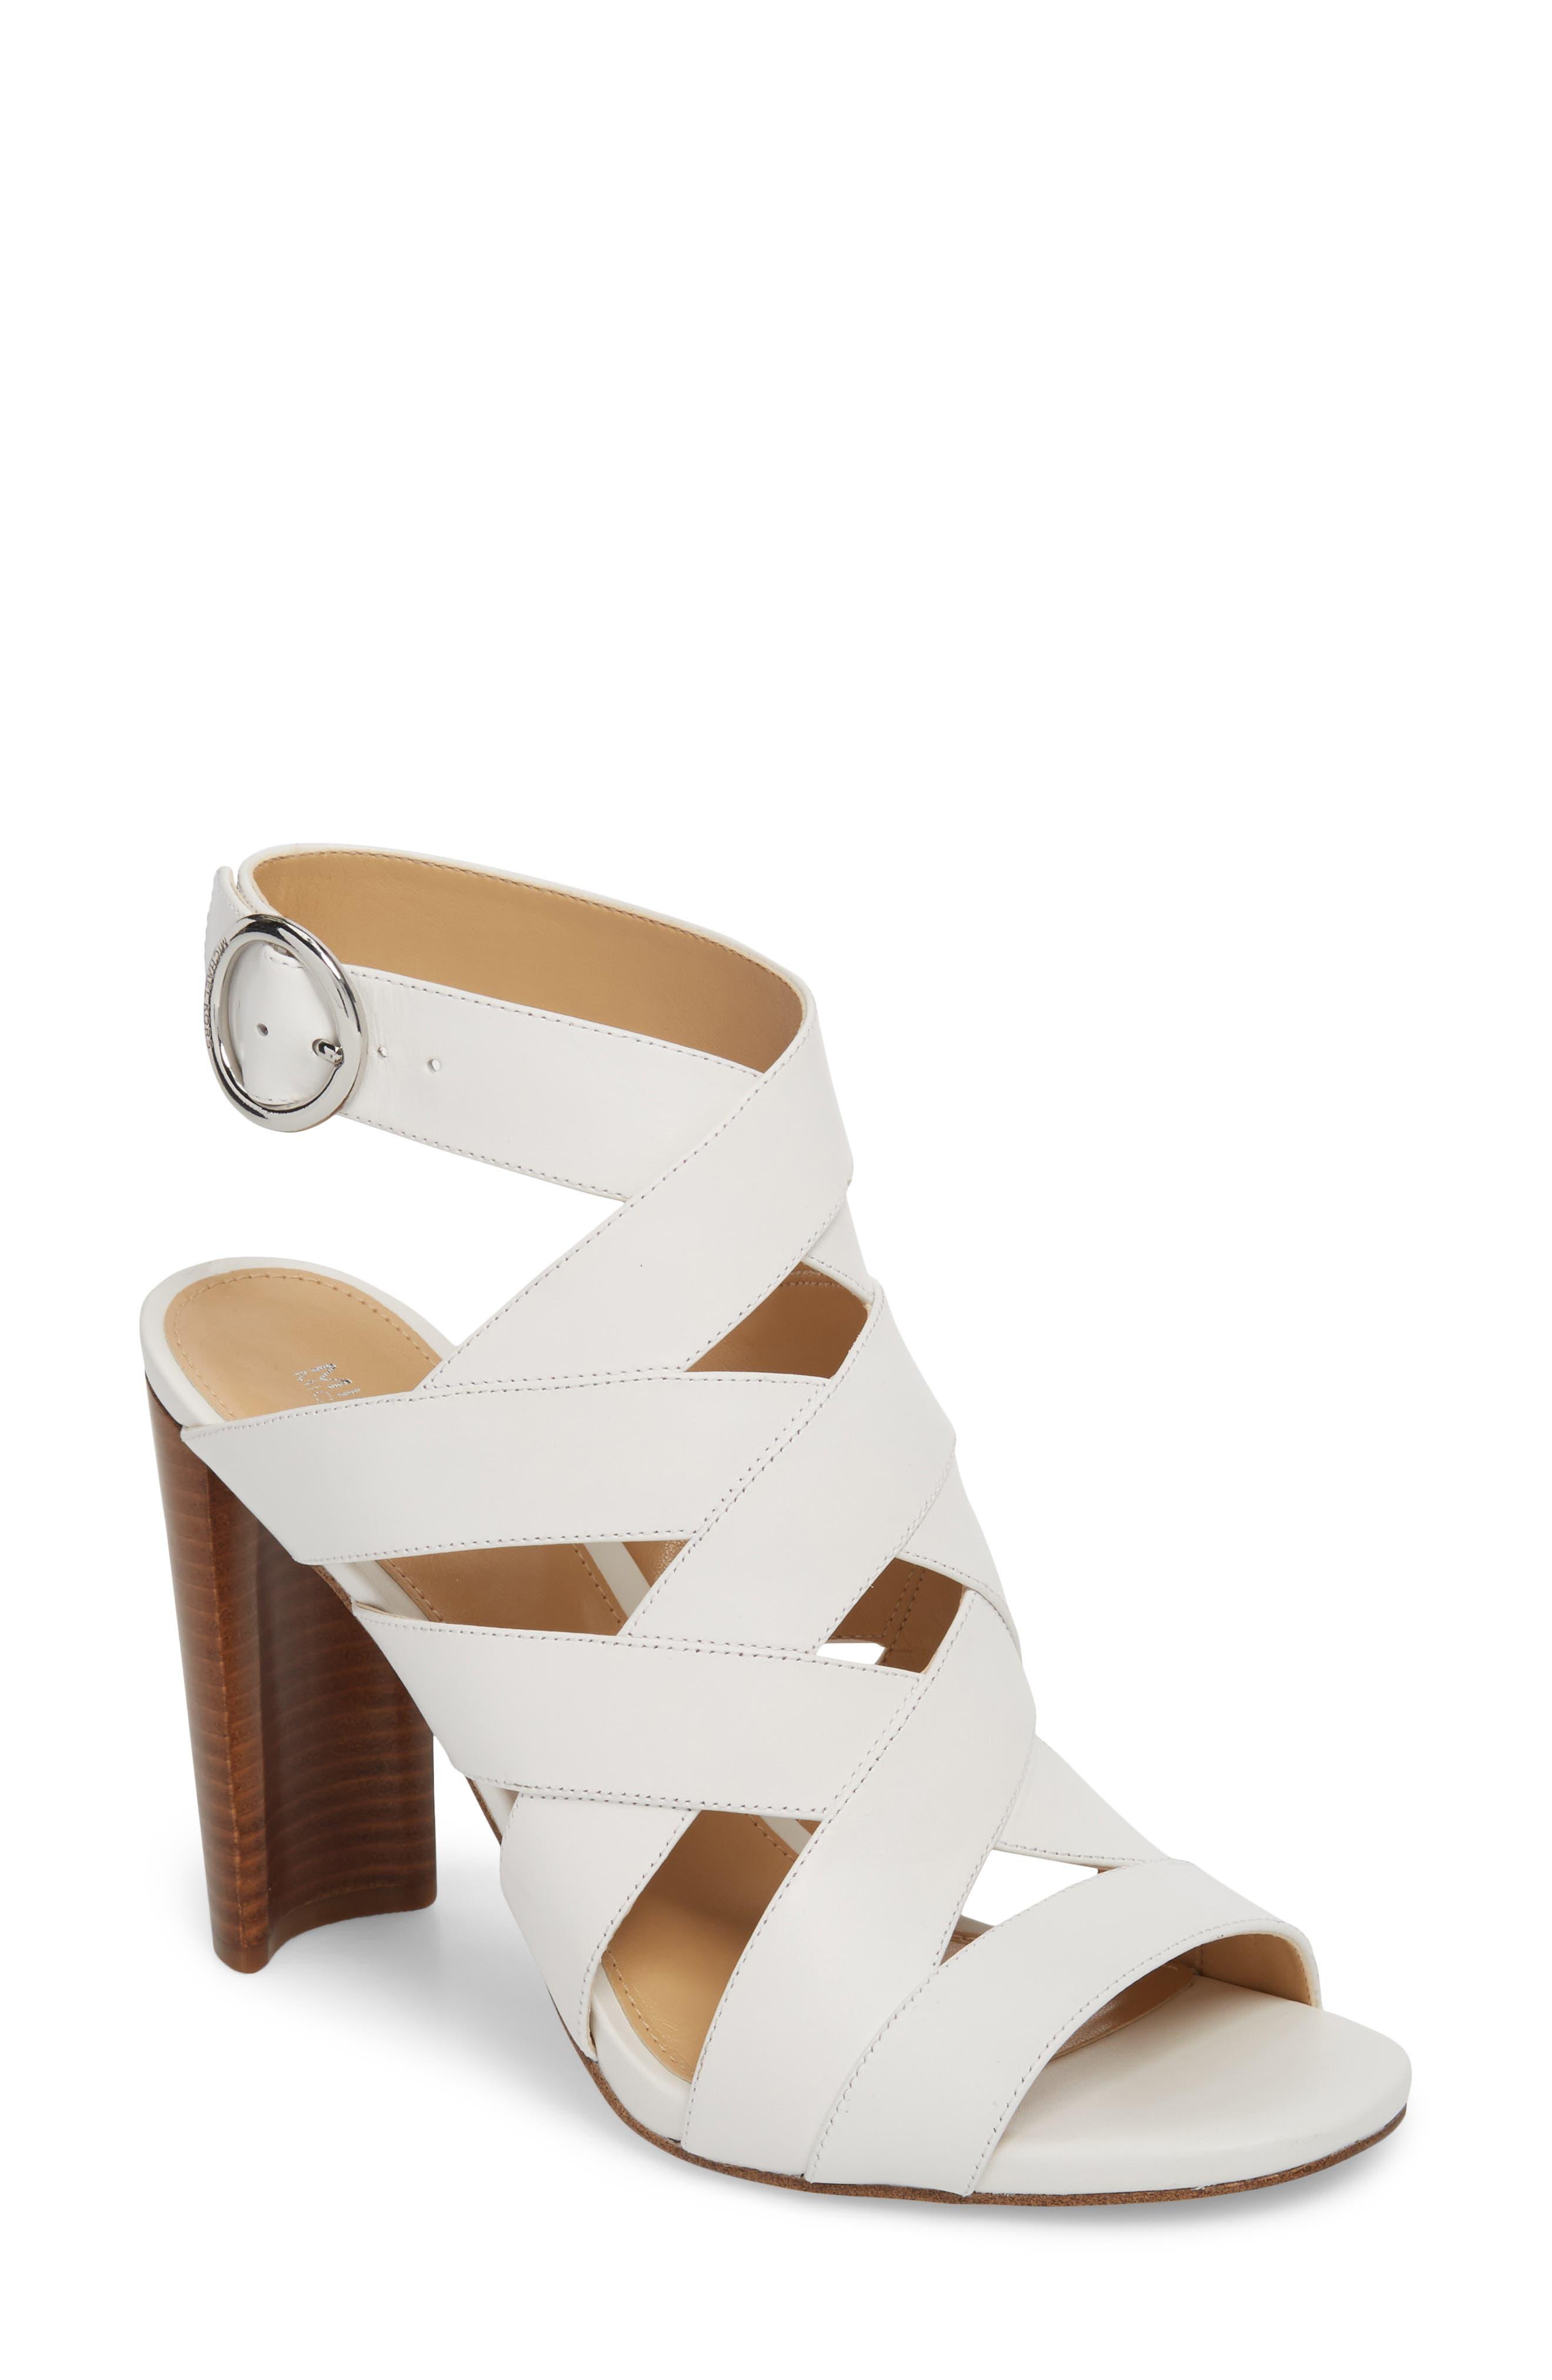 Alana Sandal,                         Main,                         color, Optic White Leather